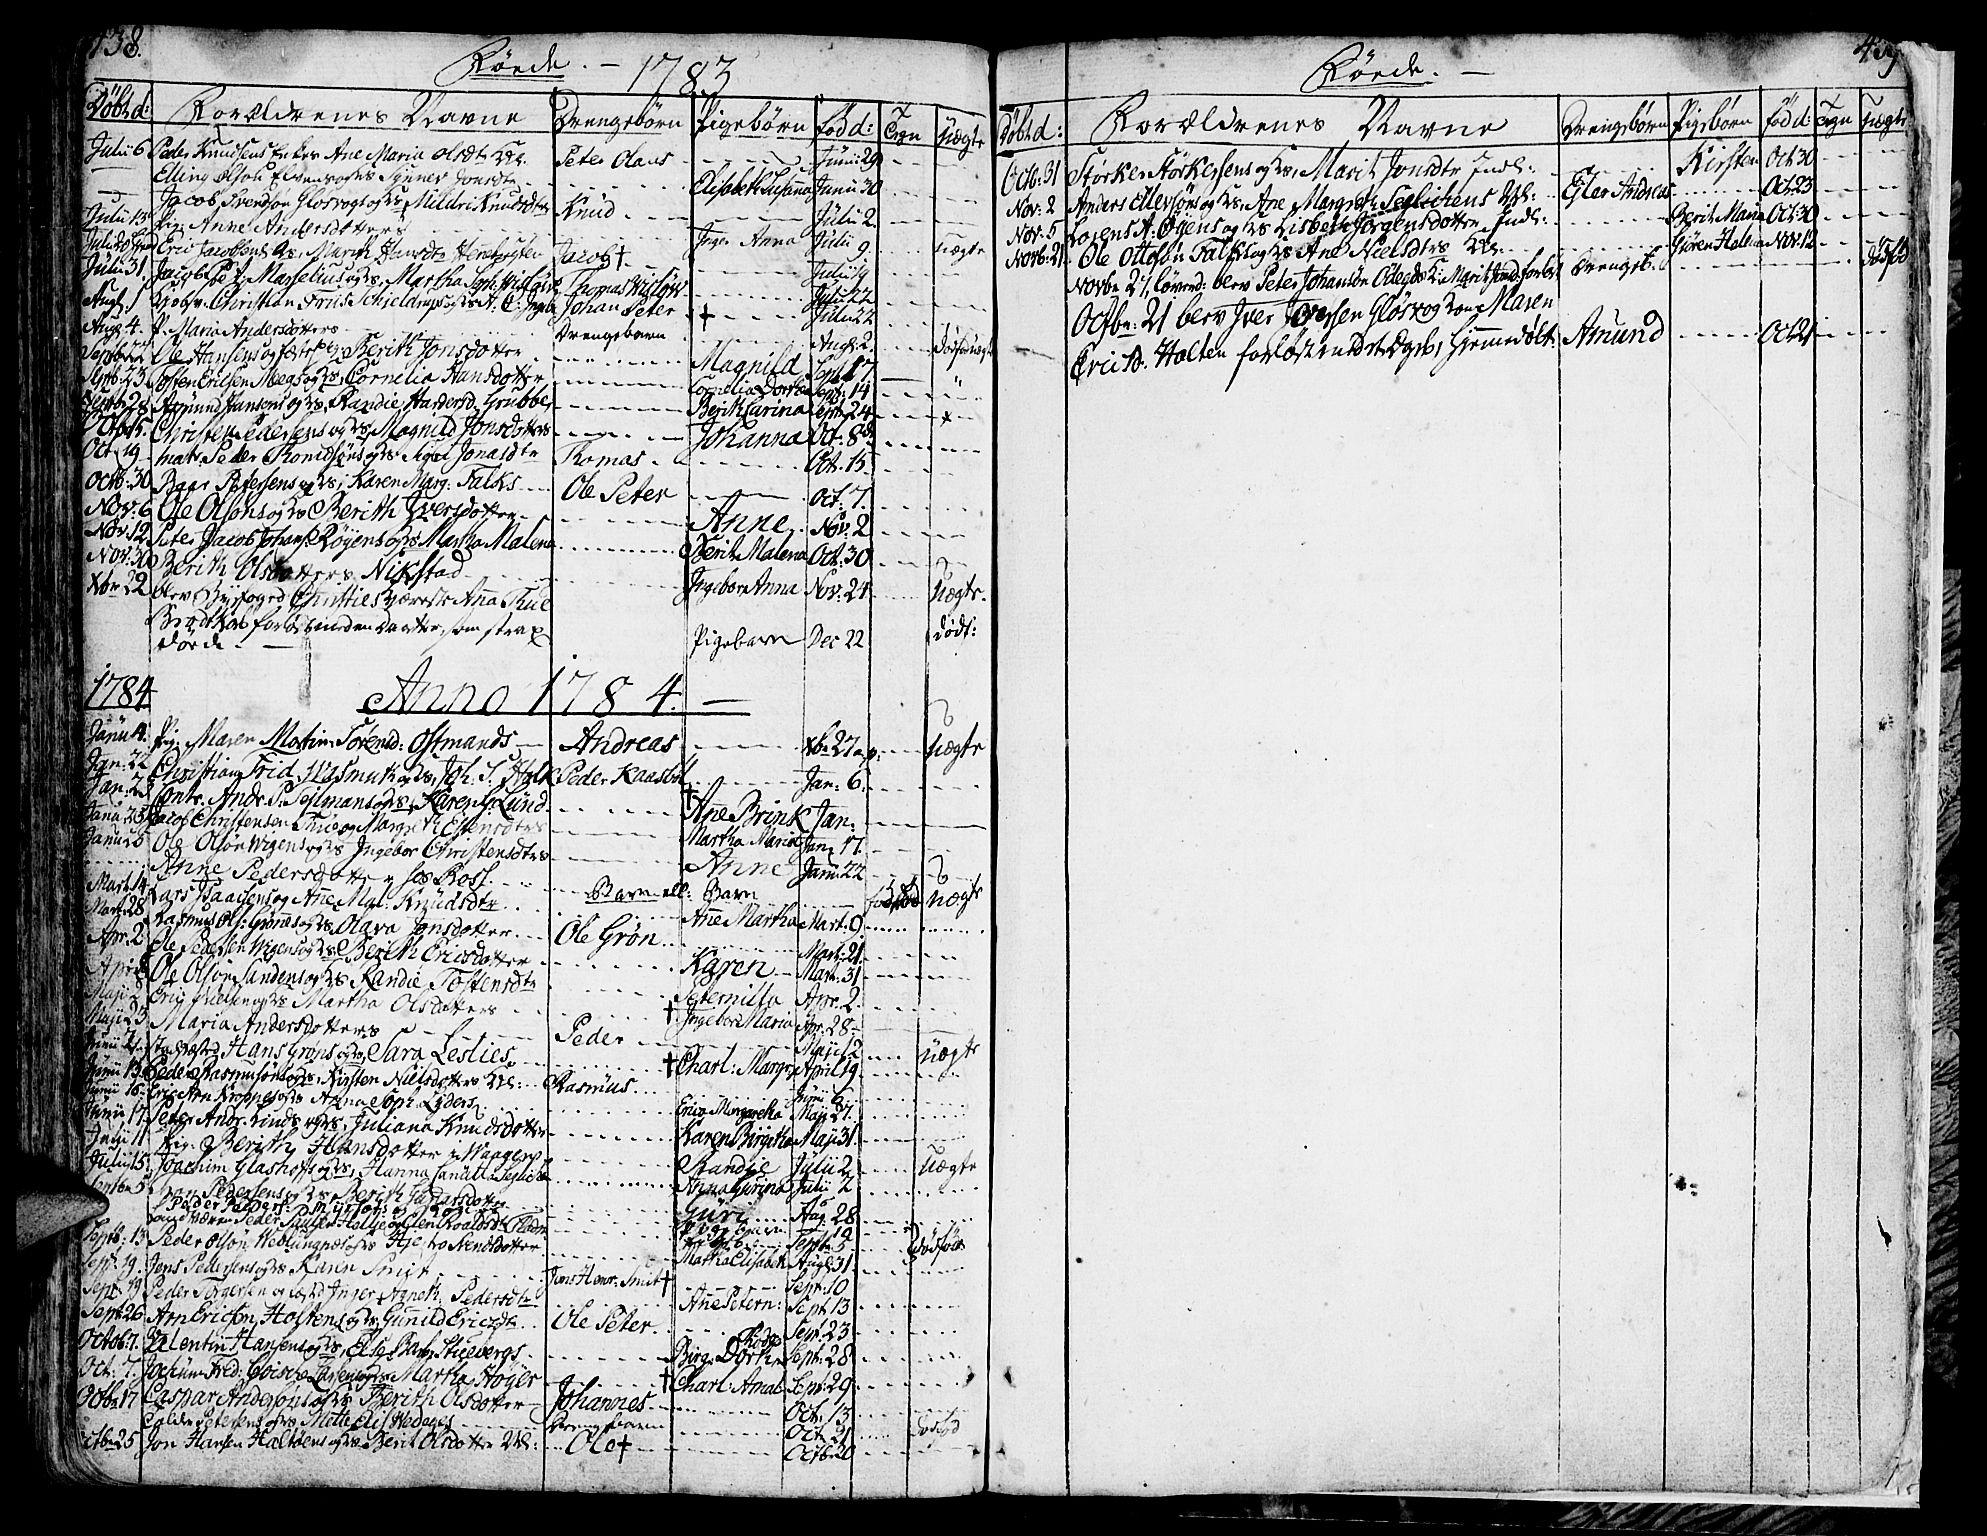 SAT, Ministerialprotokoller, klokkerbøker og fødselsregistre - Møre og Romsdal, 572/L0840: Ministerialbok nr. 572A03, 1754-1784, s. 438-439